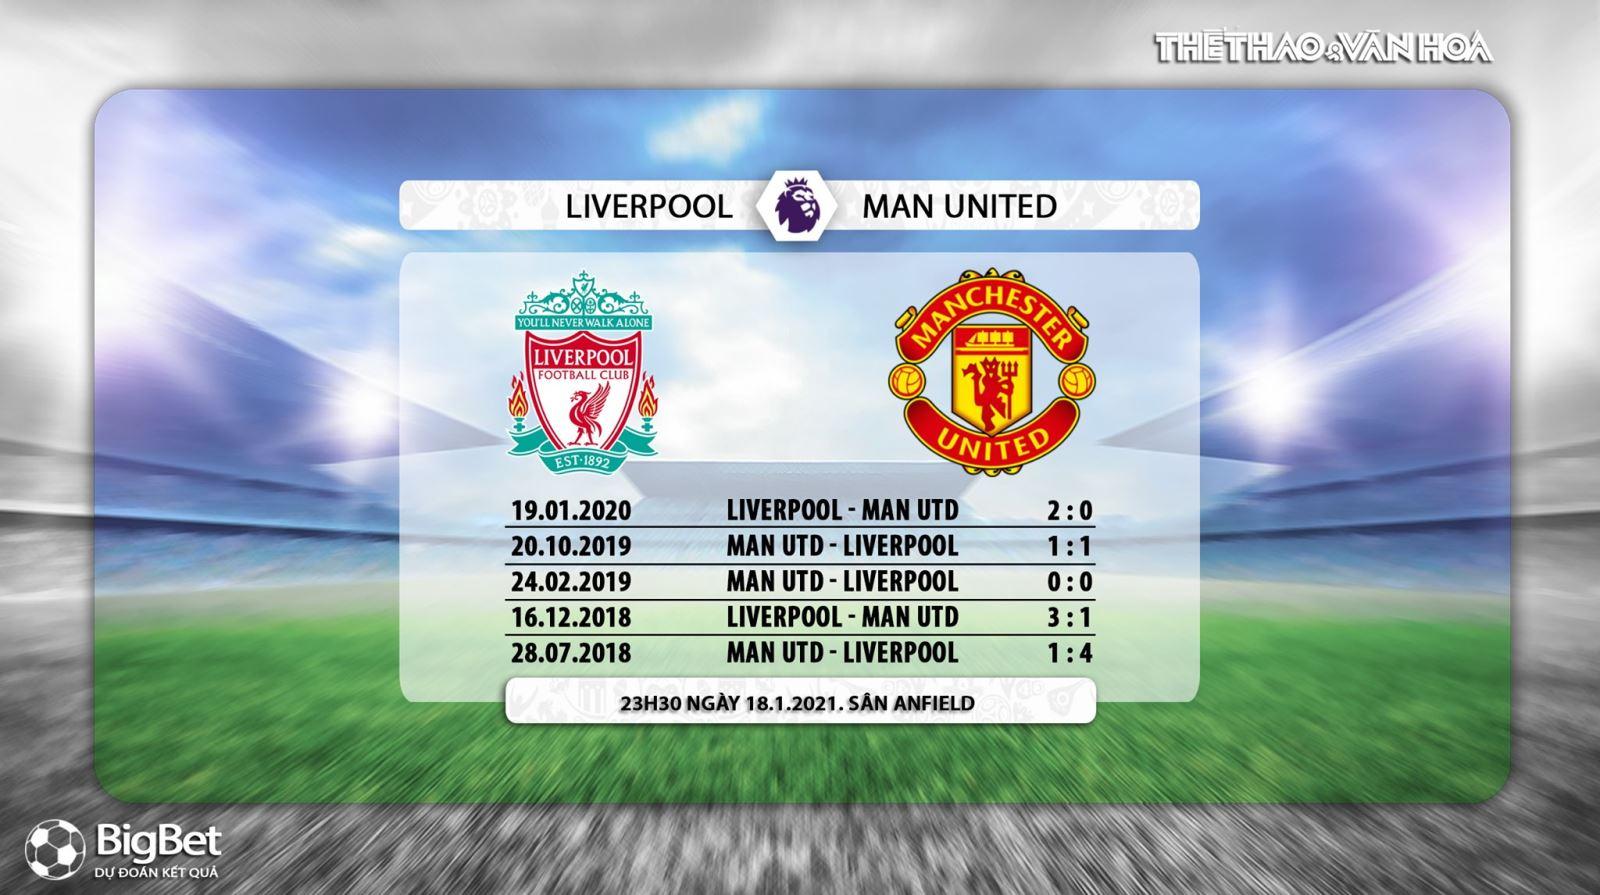 K+, K+PM, MU, Trực tiếp bóng đá Anh hôm nay, Liverpool vs MU, Kèo nhà cái MU, xem trực tiếp MU đấu với Liverpool, trực tiếp Ngoại hạng Anh, Bảng xếp hạng ngoại hạng Anh